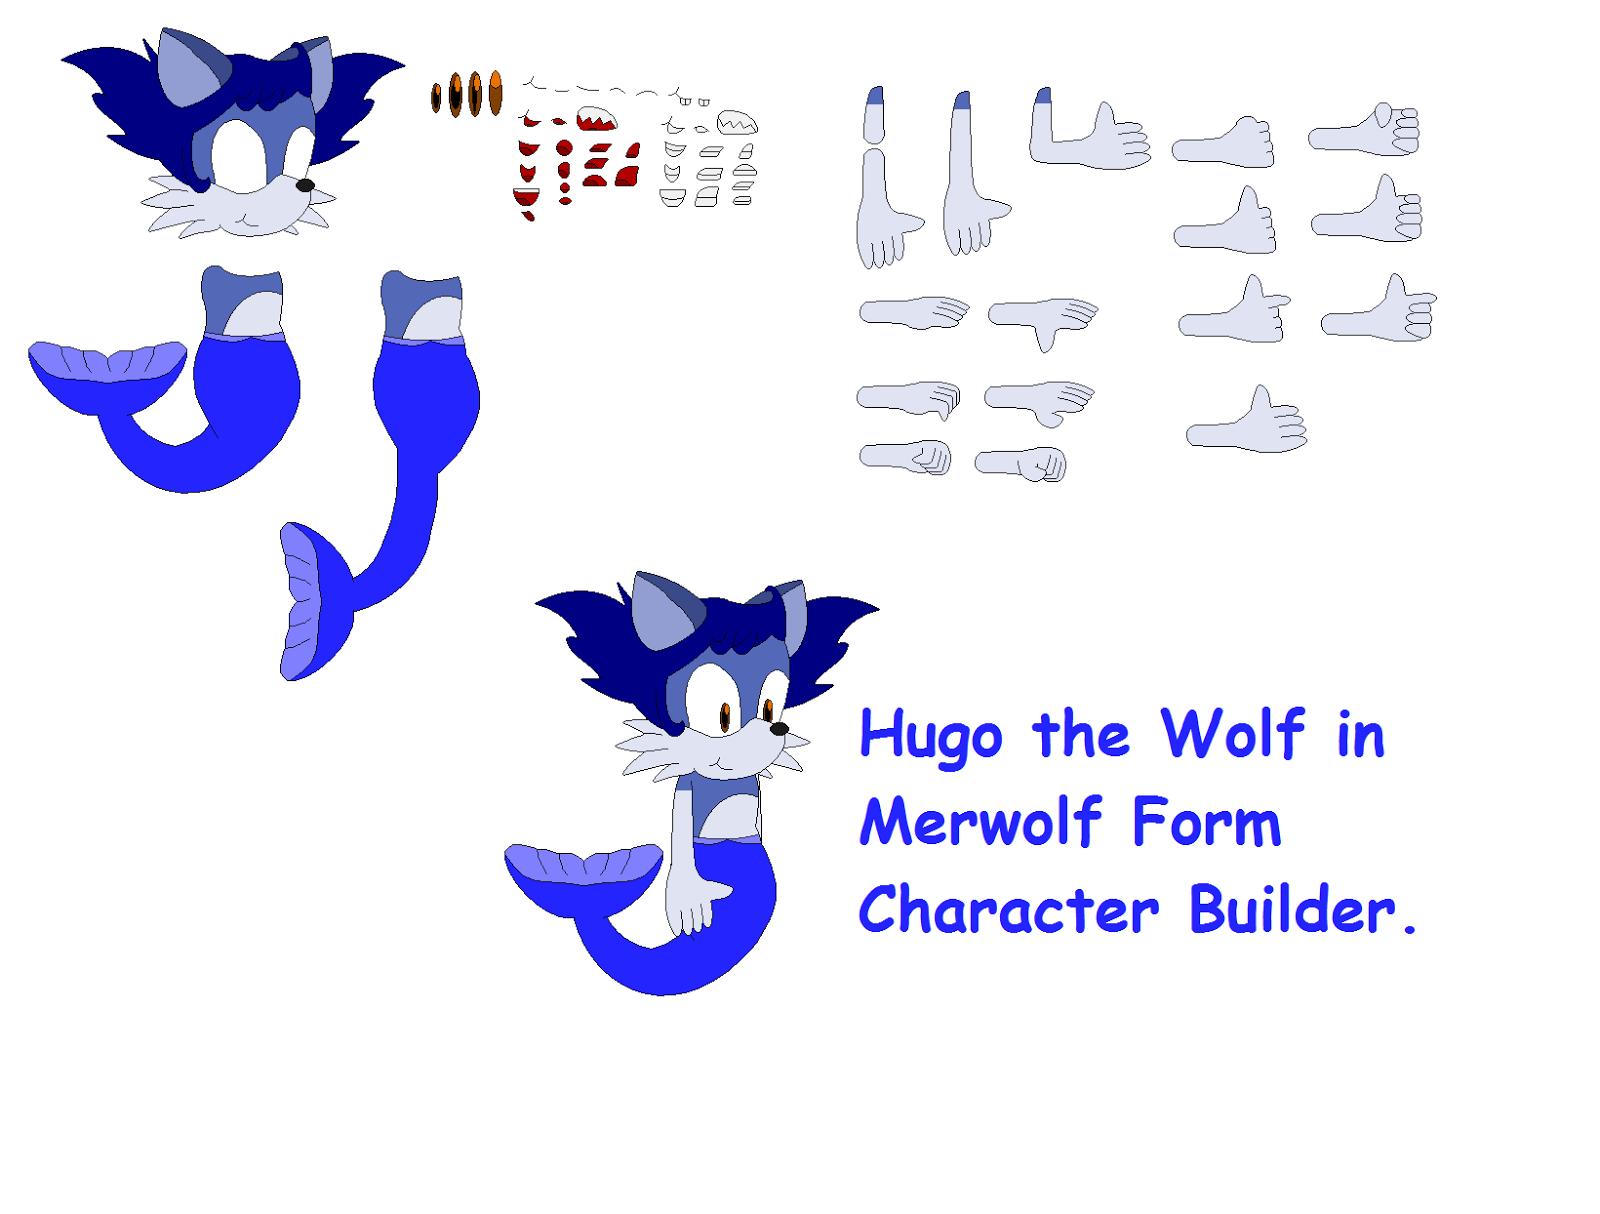 concept art blog hugo in merwolf form character builder